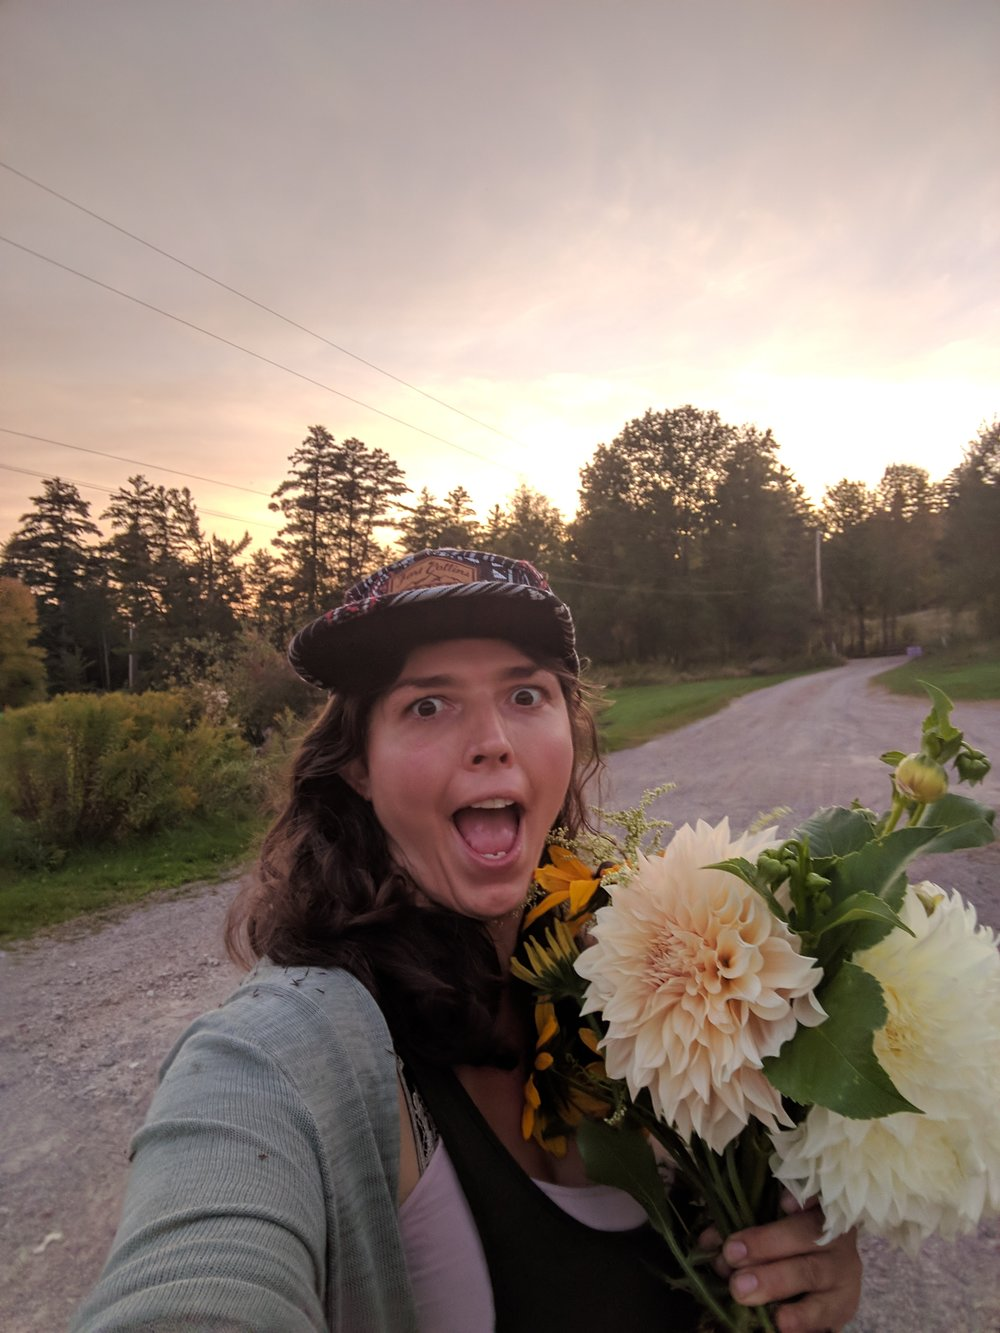 We Love Flowers!